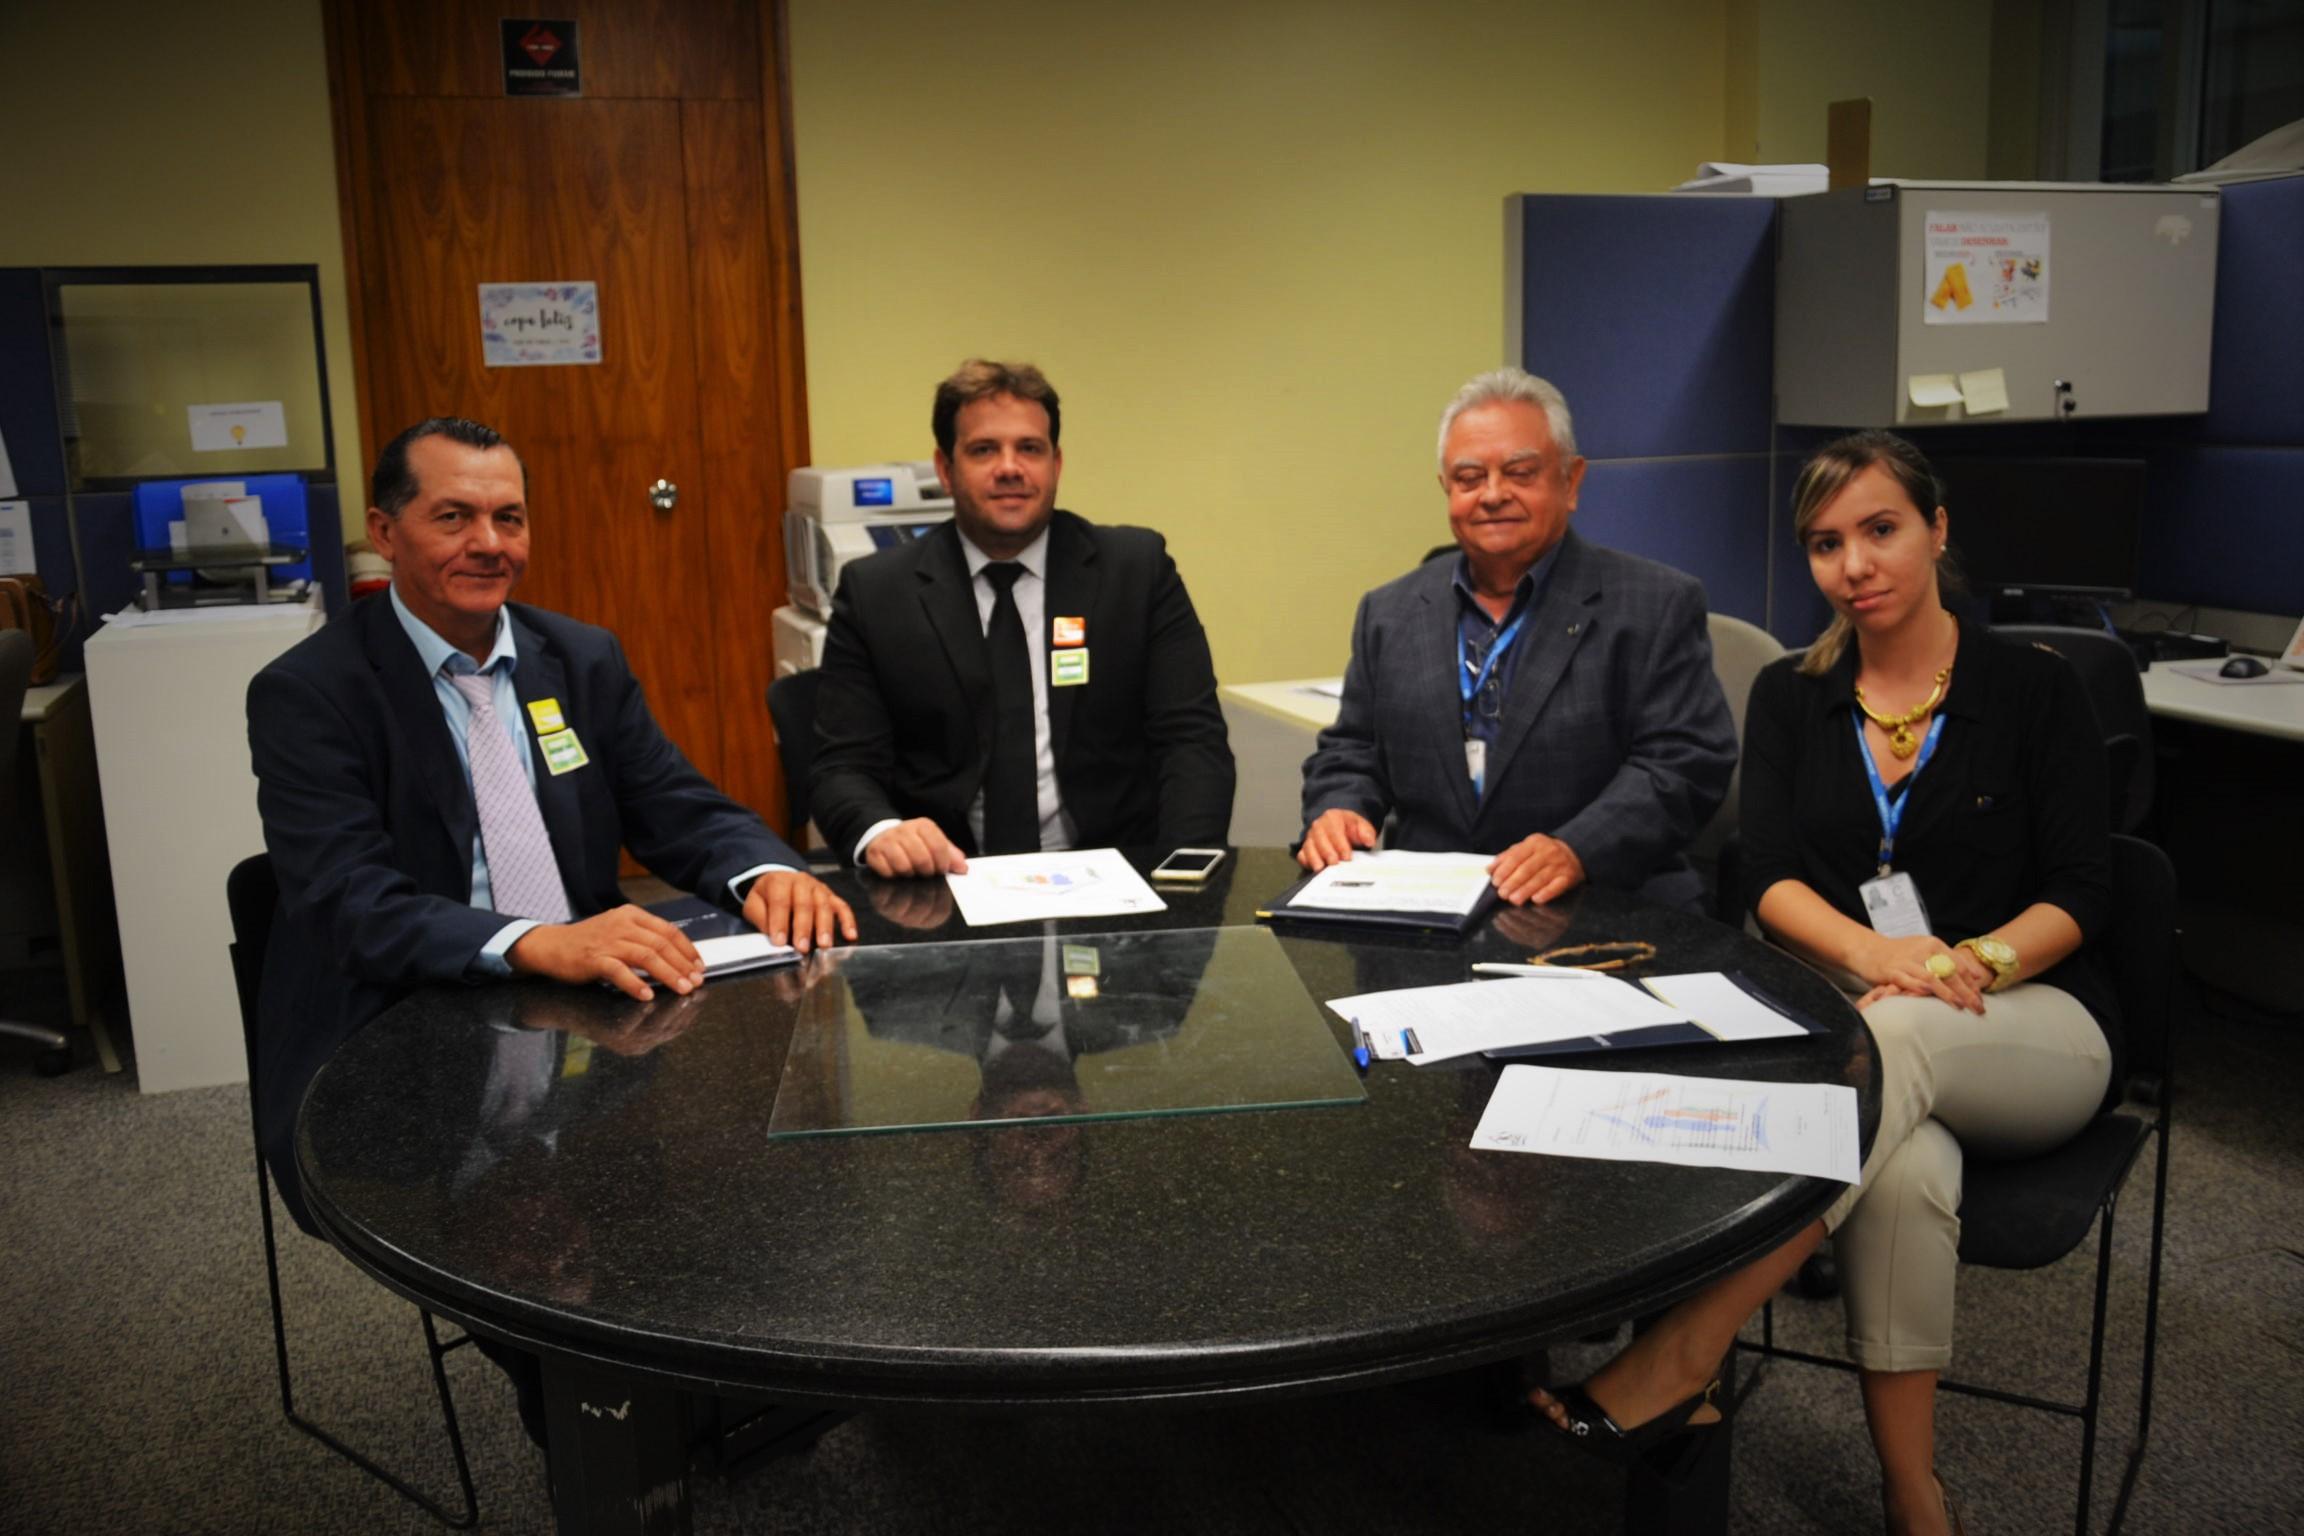 Após treinamentos em Portal e SAPL, vereadores de Monte Alegre solicitam oficina de revisão de marcos jurídicos